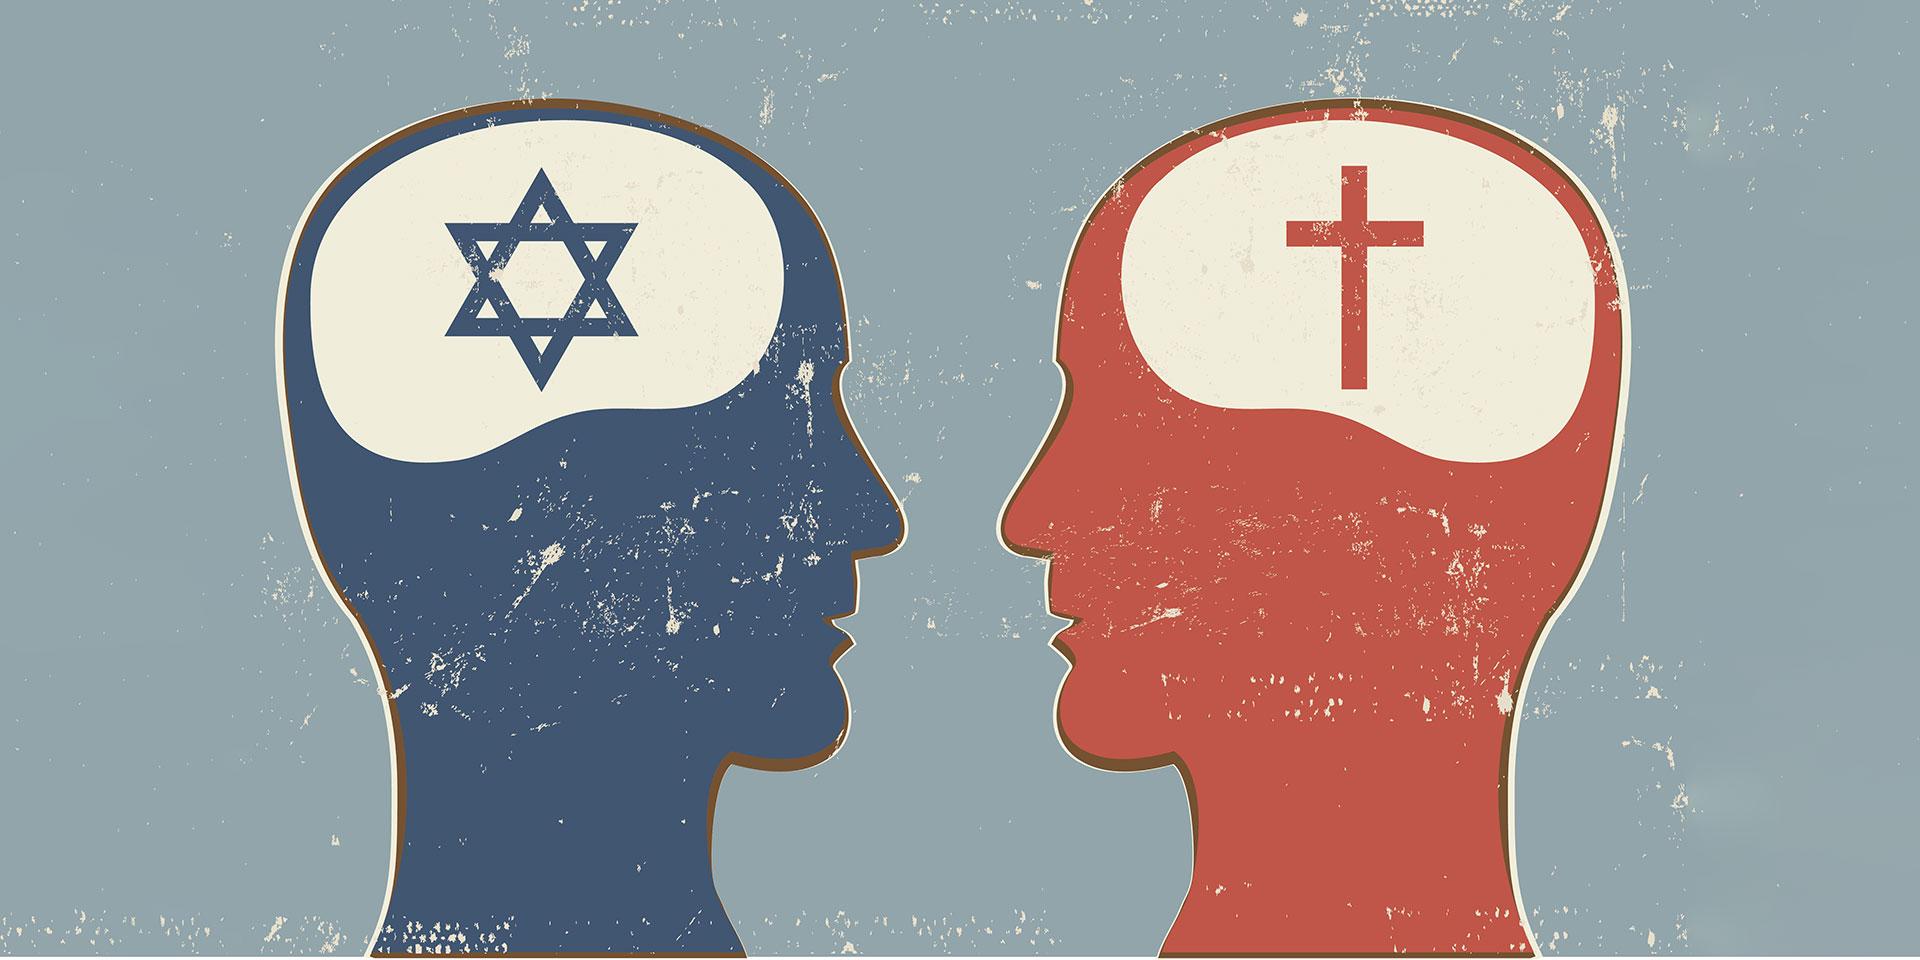 Ein jüdischer und ein christlicher Mensch (stilisiert) im Dialog